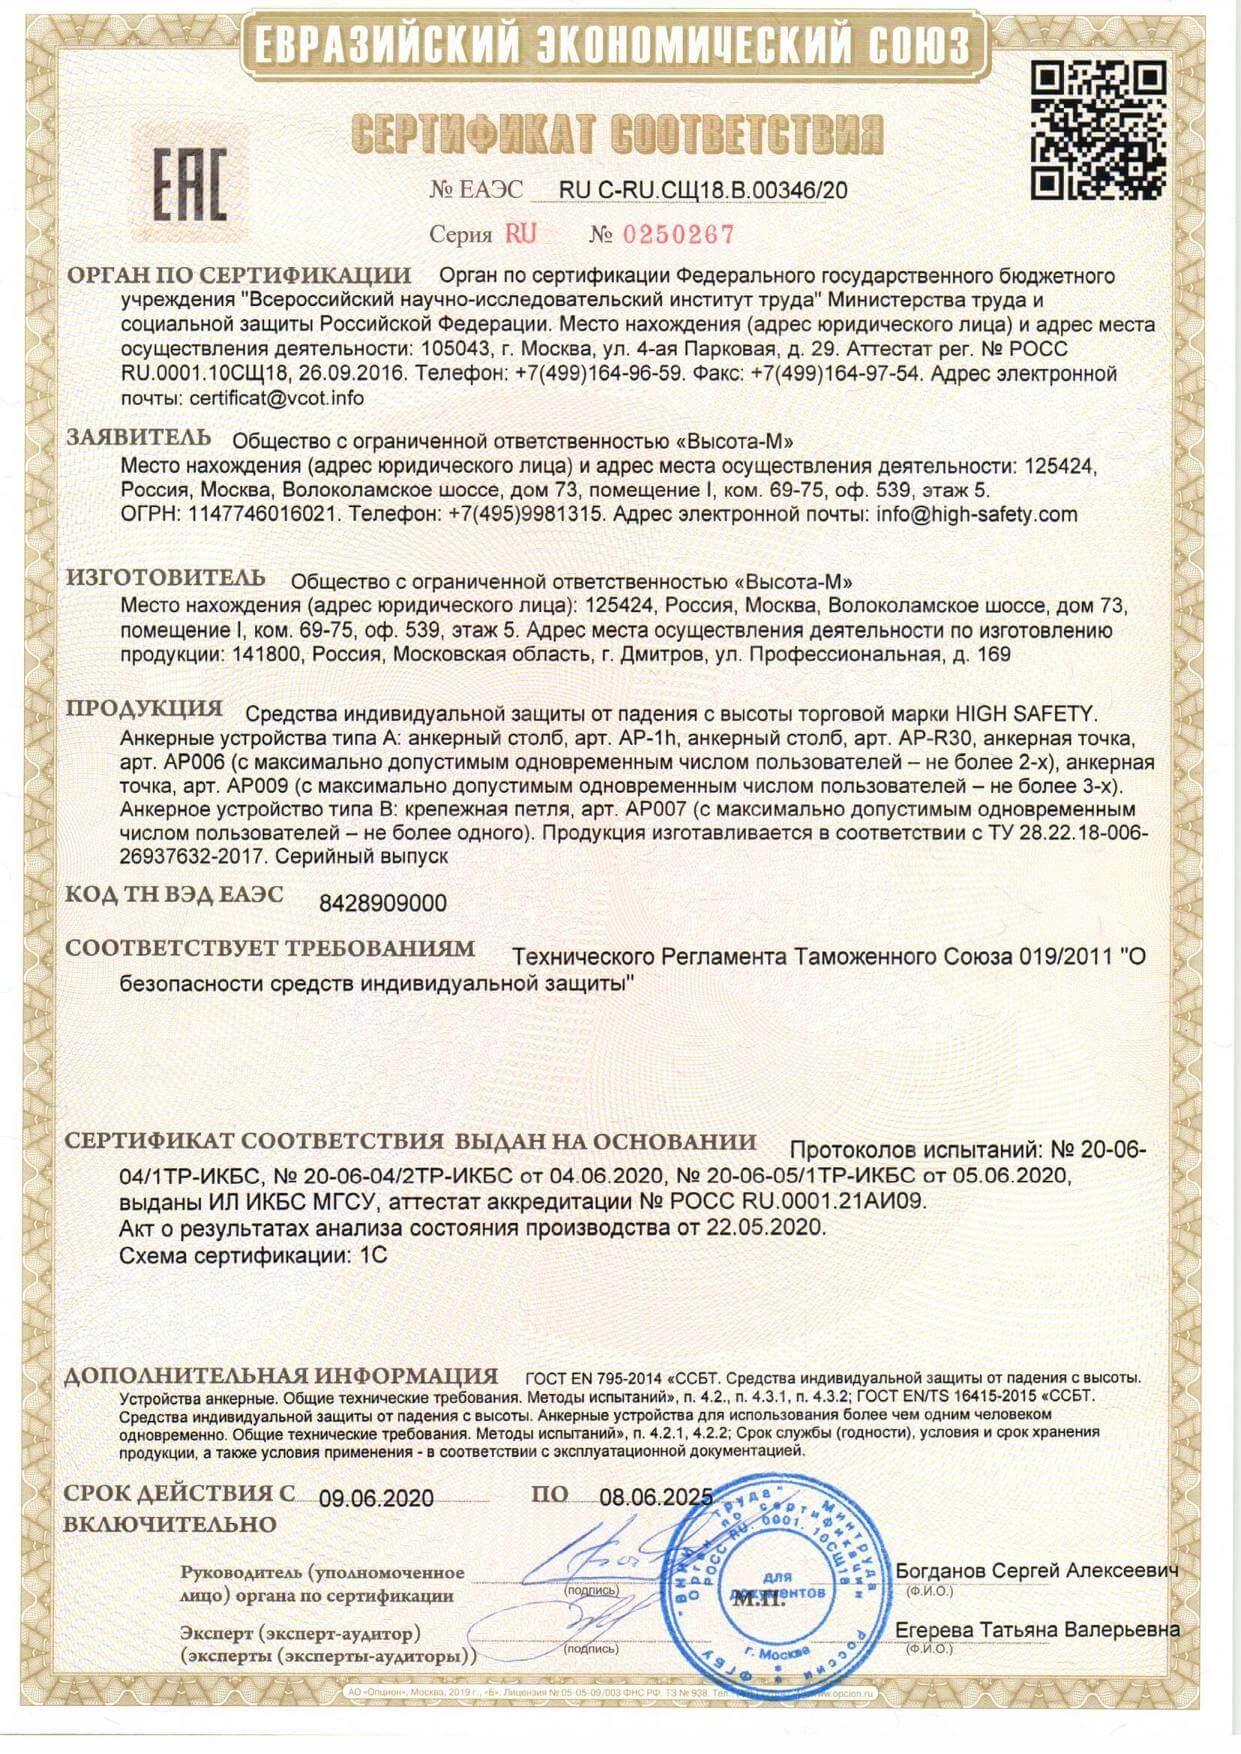 sertifikat-ankernye-ustroĭstva.jpg